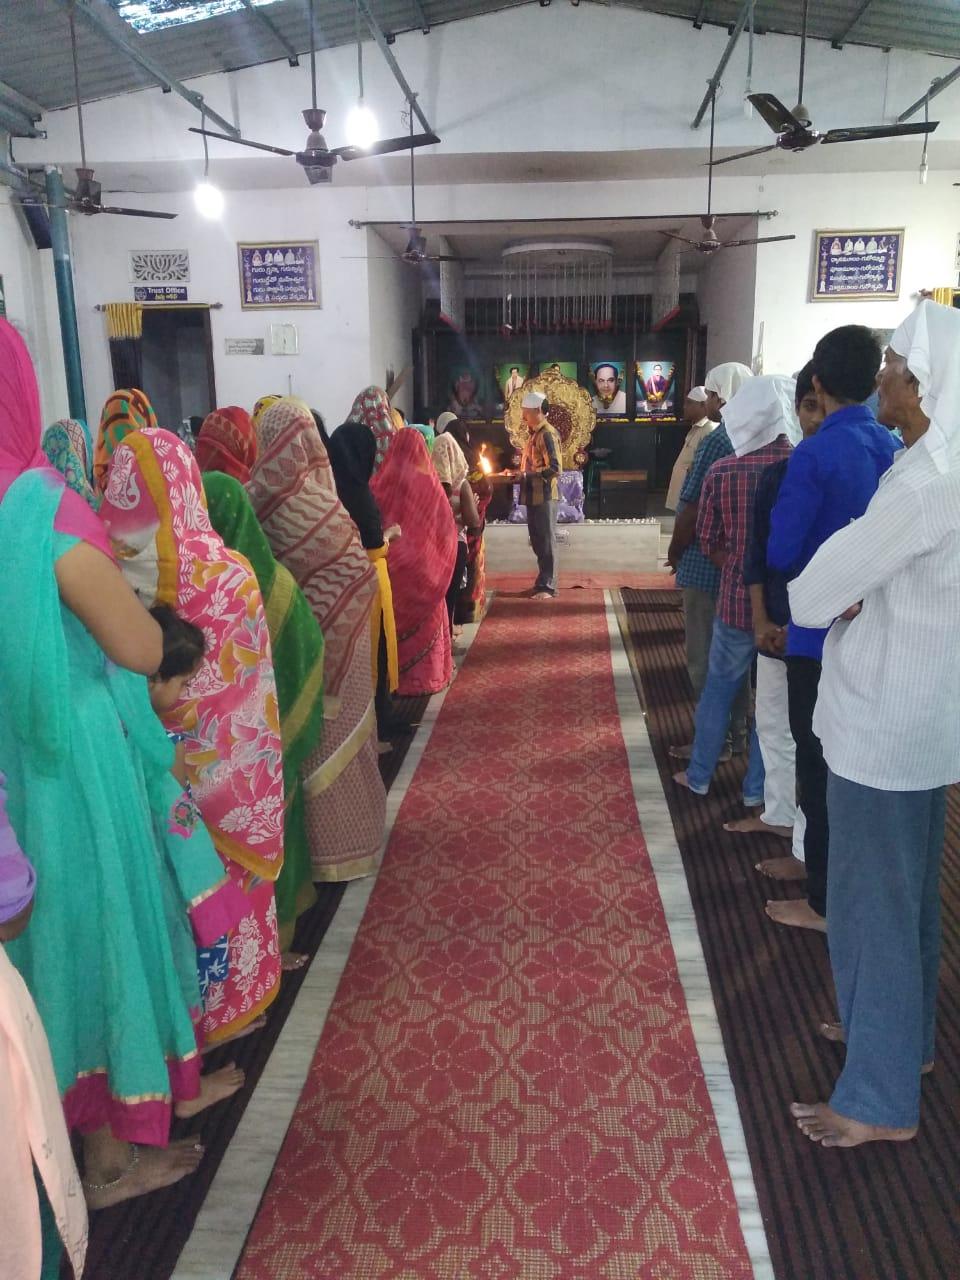 04-WeeklyAaradhana-AshramSubhashnagar-Hyderabad-15092019